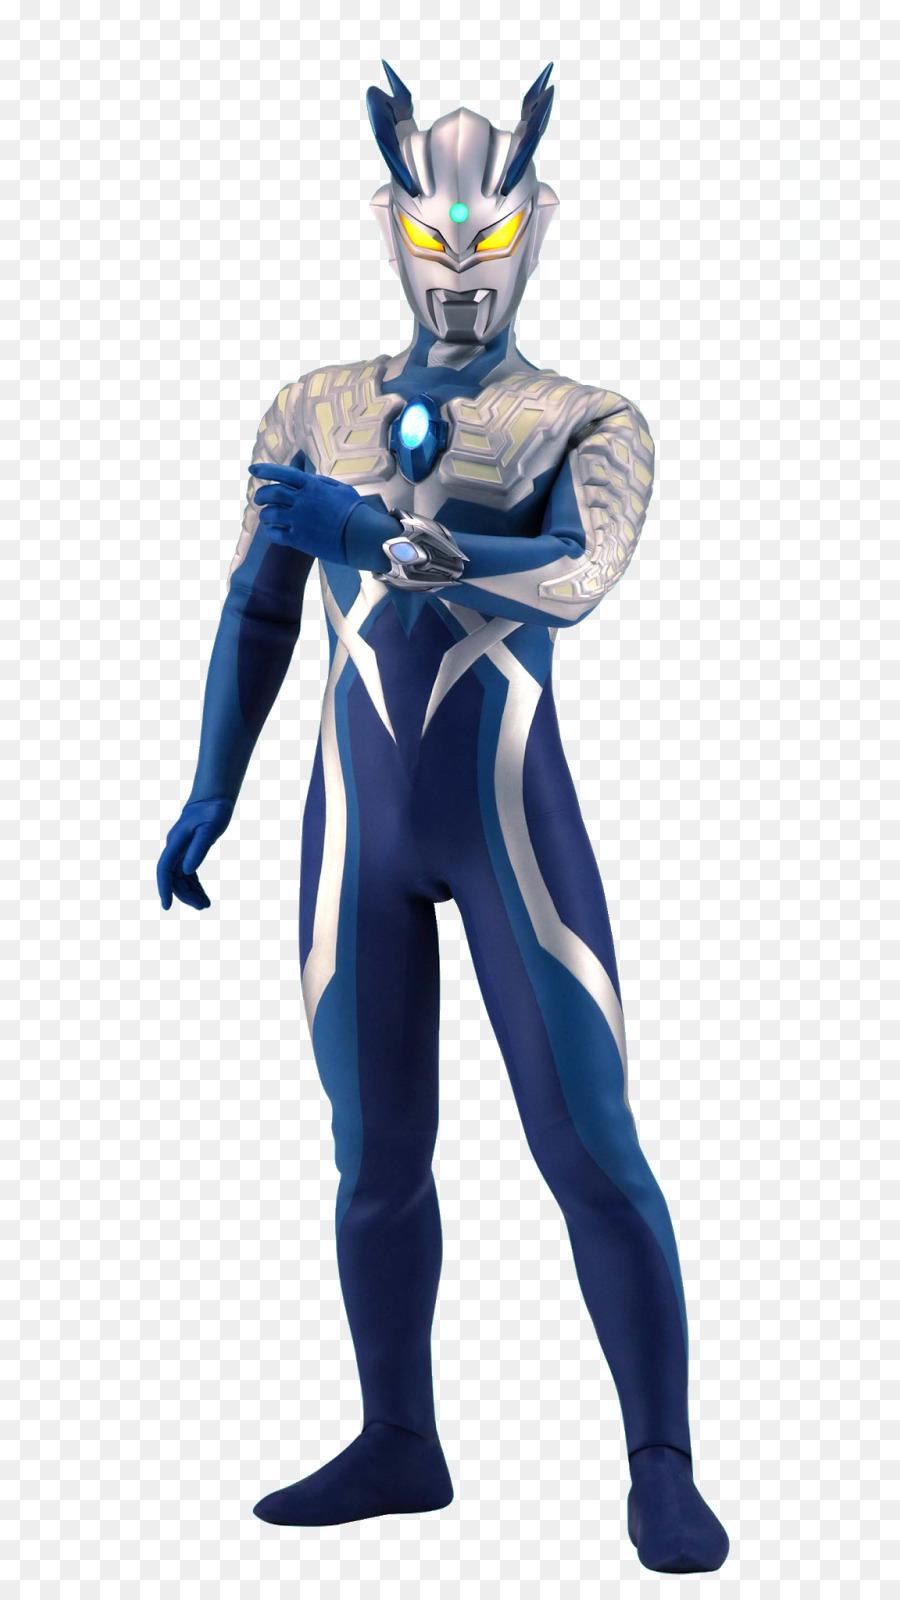 Contoh Gambar Mewarnai Gambar Ultraman - KataUcap